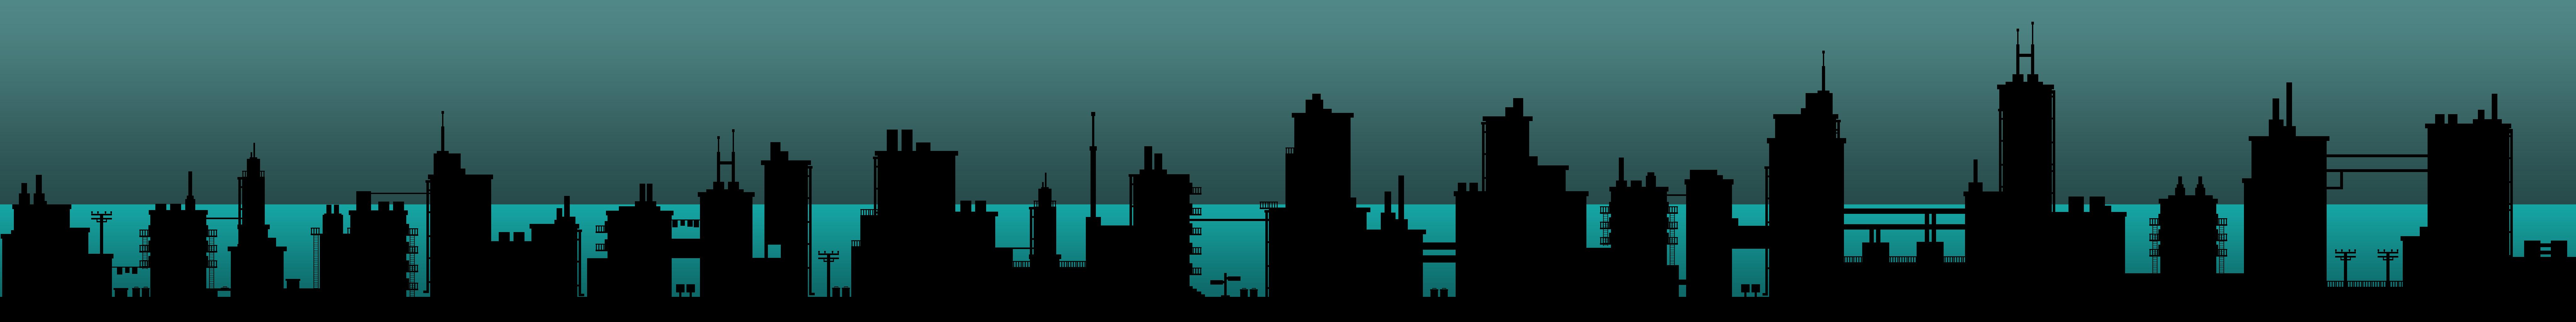 City Background ...2d City Background